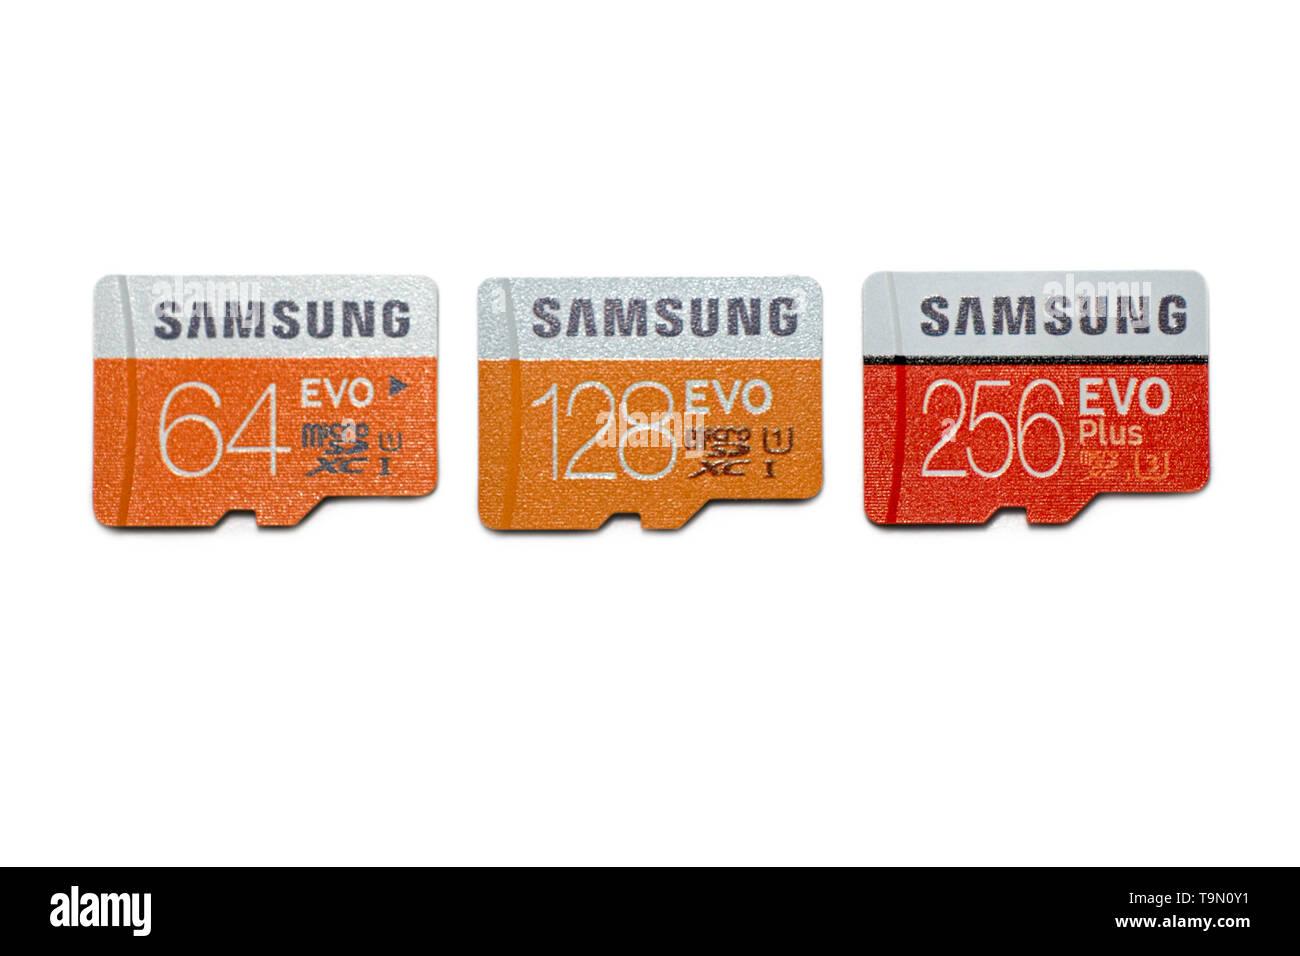 Cartes micro SD carte mémoire microSD, le stockage pour téléphone mobile et tablette 64 Go 256 Go 128 Go Photo Stock